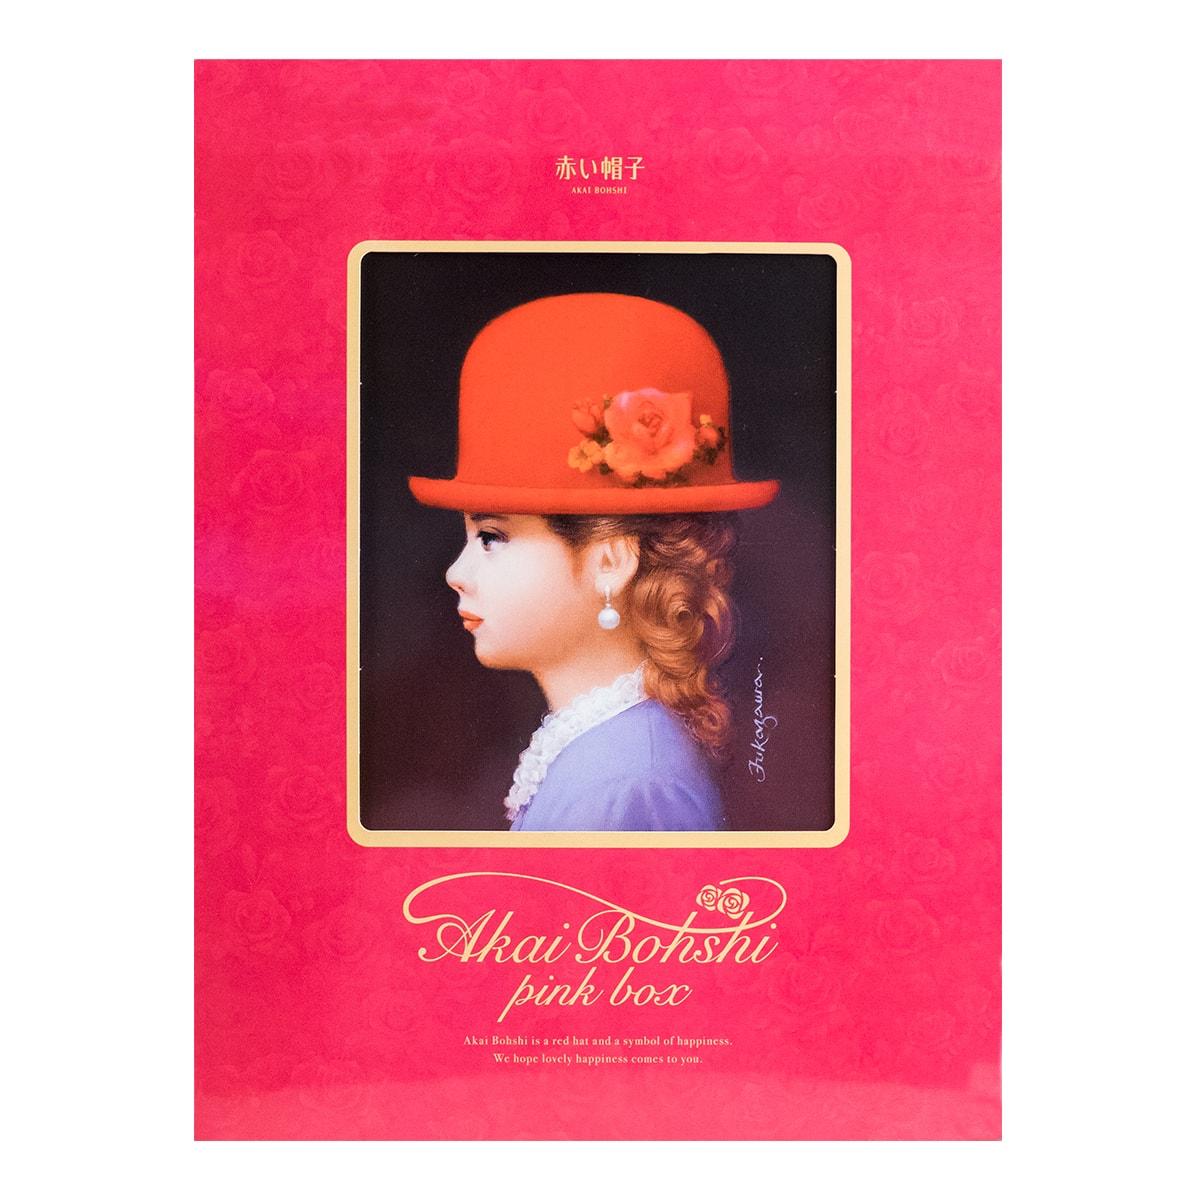 日本AKAIBOHSHI红帽子 粉盒子饼干节日礼盒 15种40枚入 303.3g